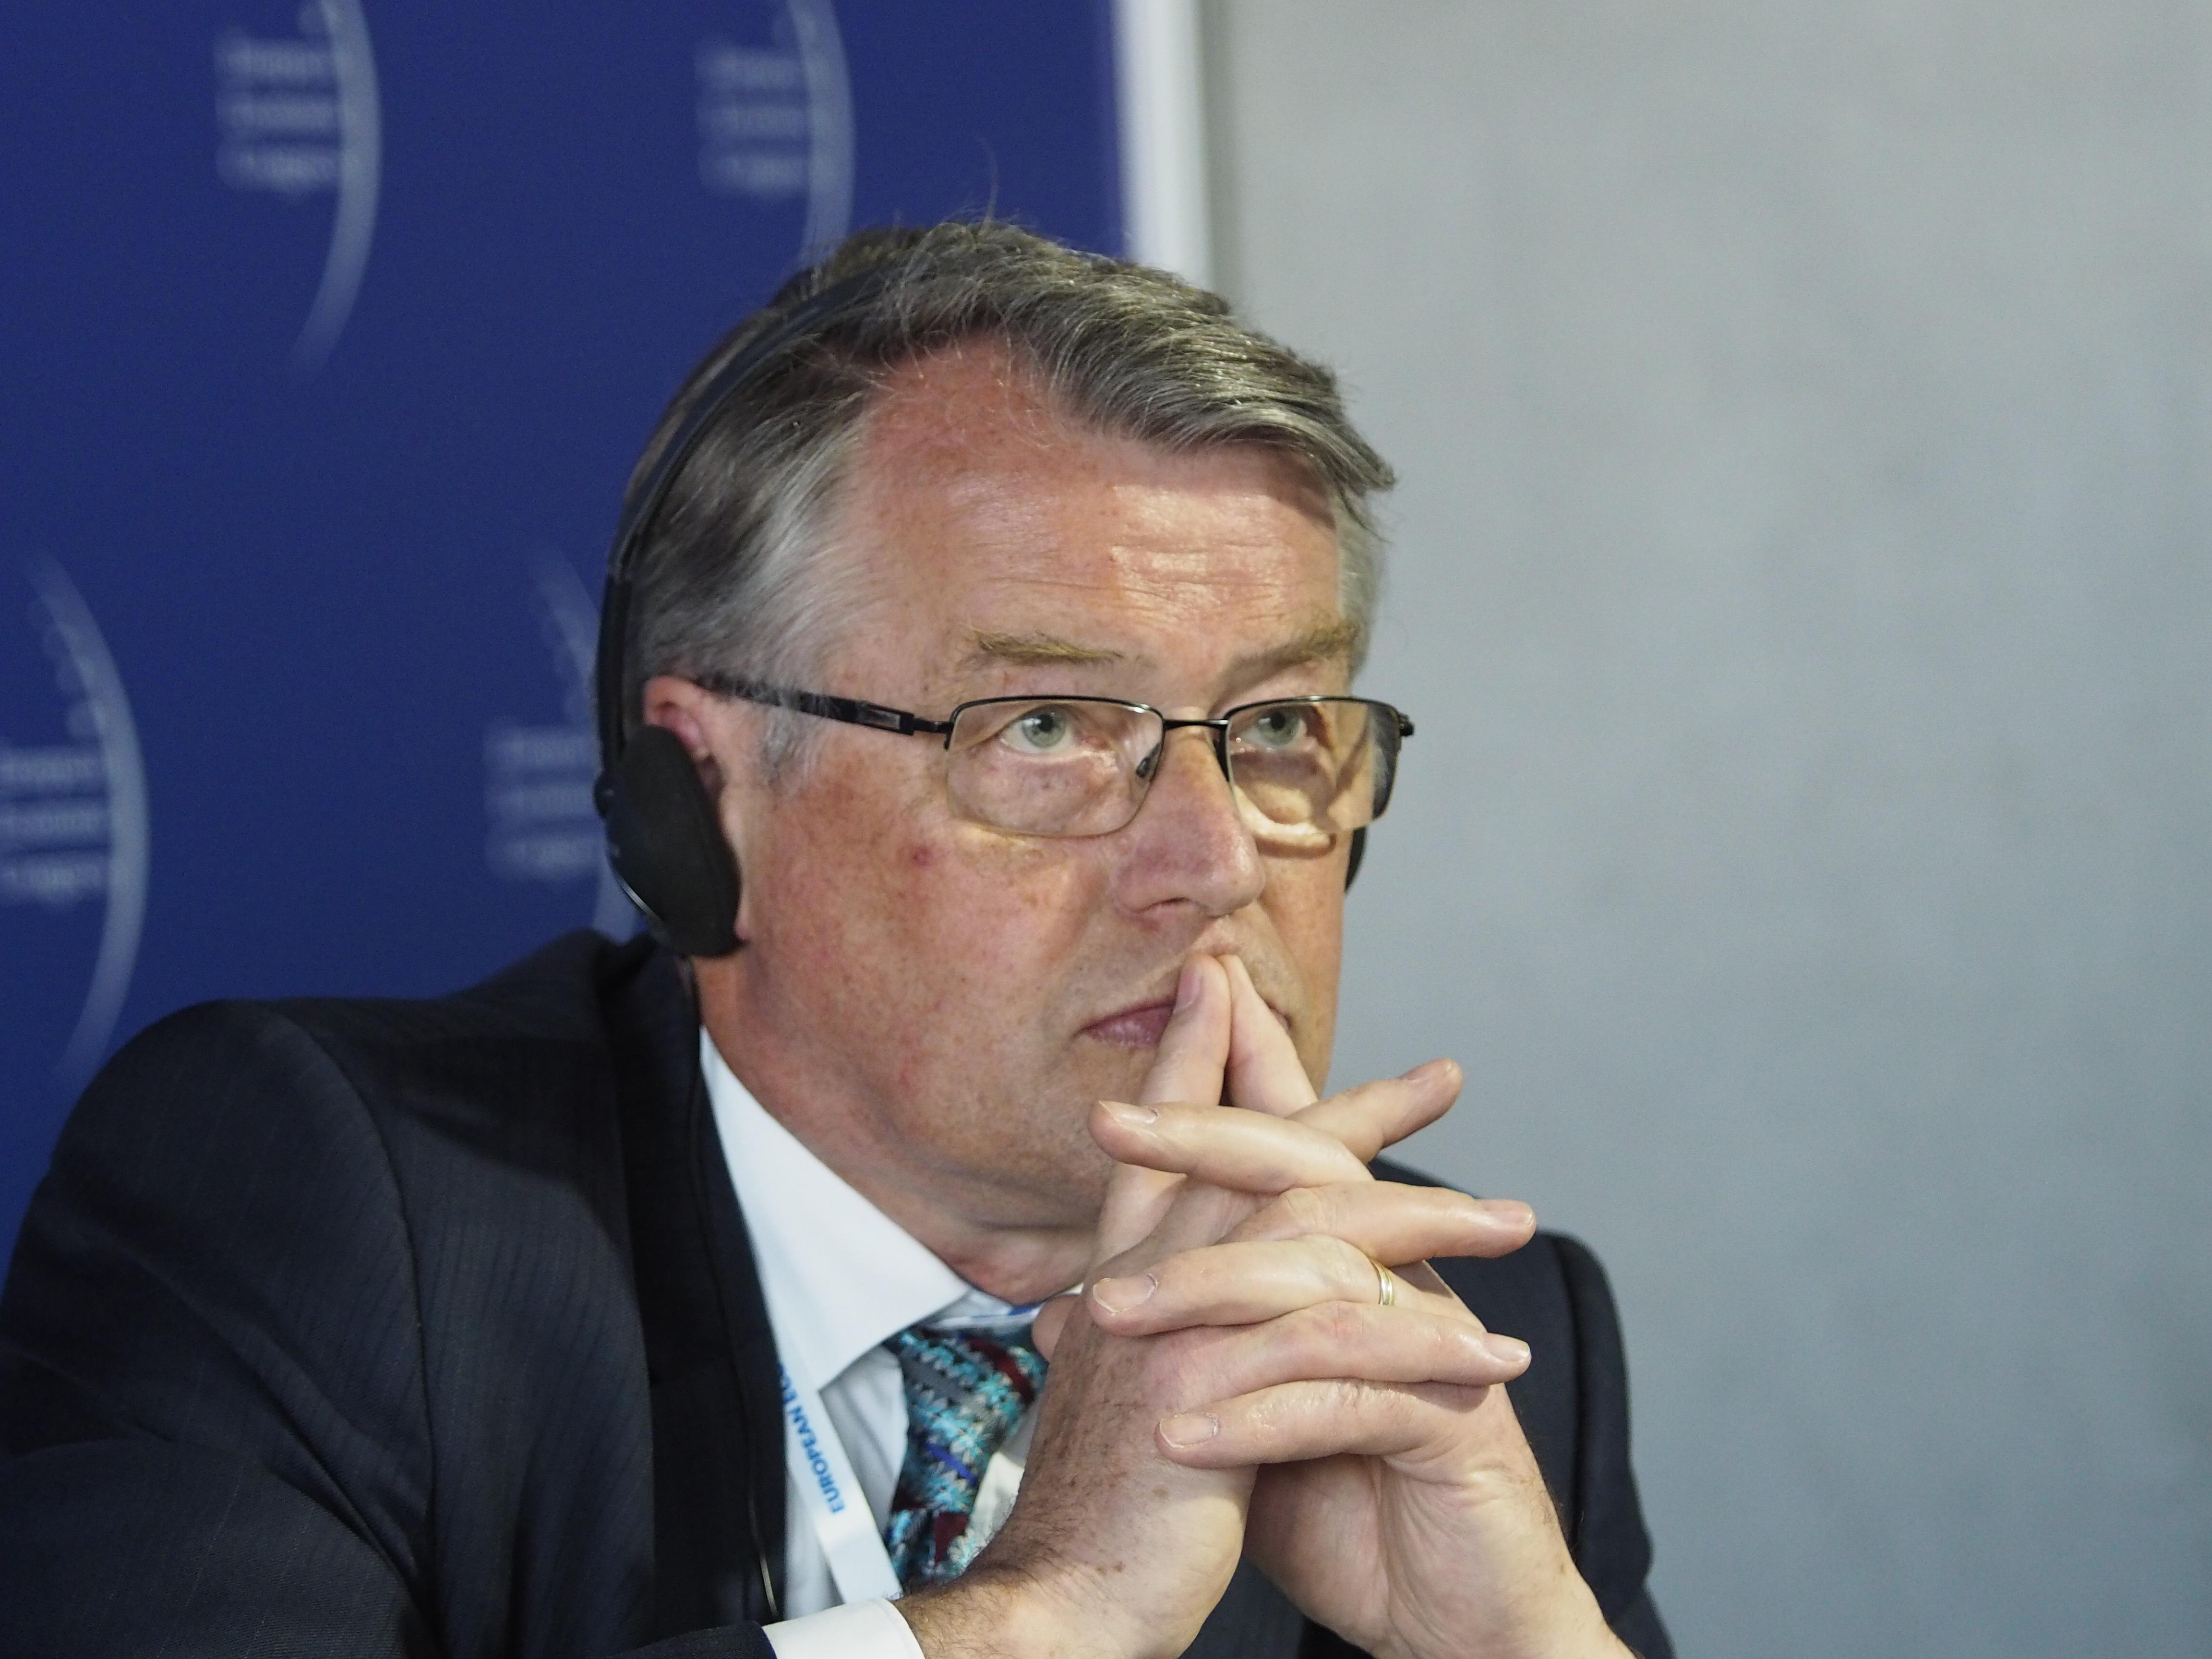 Poseł do Parlamentu Europejskiego Reimer Böge jest zdania, że nowa sytuacja w Unii Europejskiej poza zagrożeniami daje nam pewne szanse. Fot. PTWP